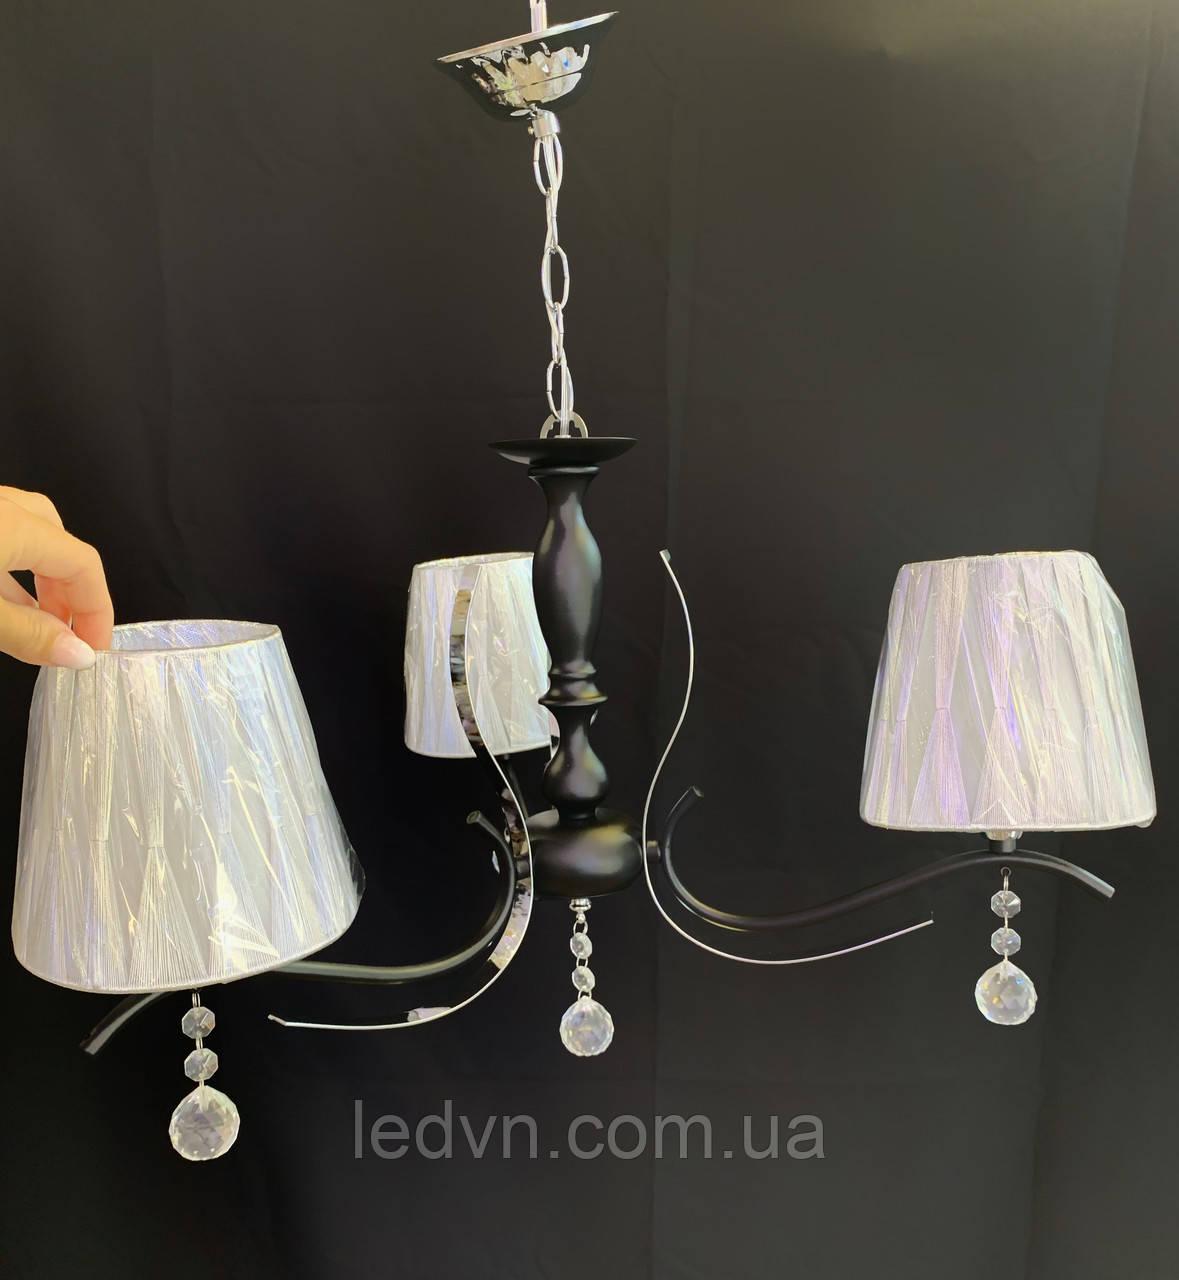 Классическая подвесная люстра с абажурами на 3 лампы